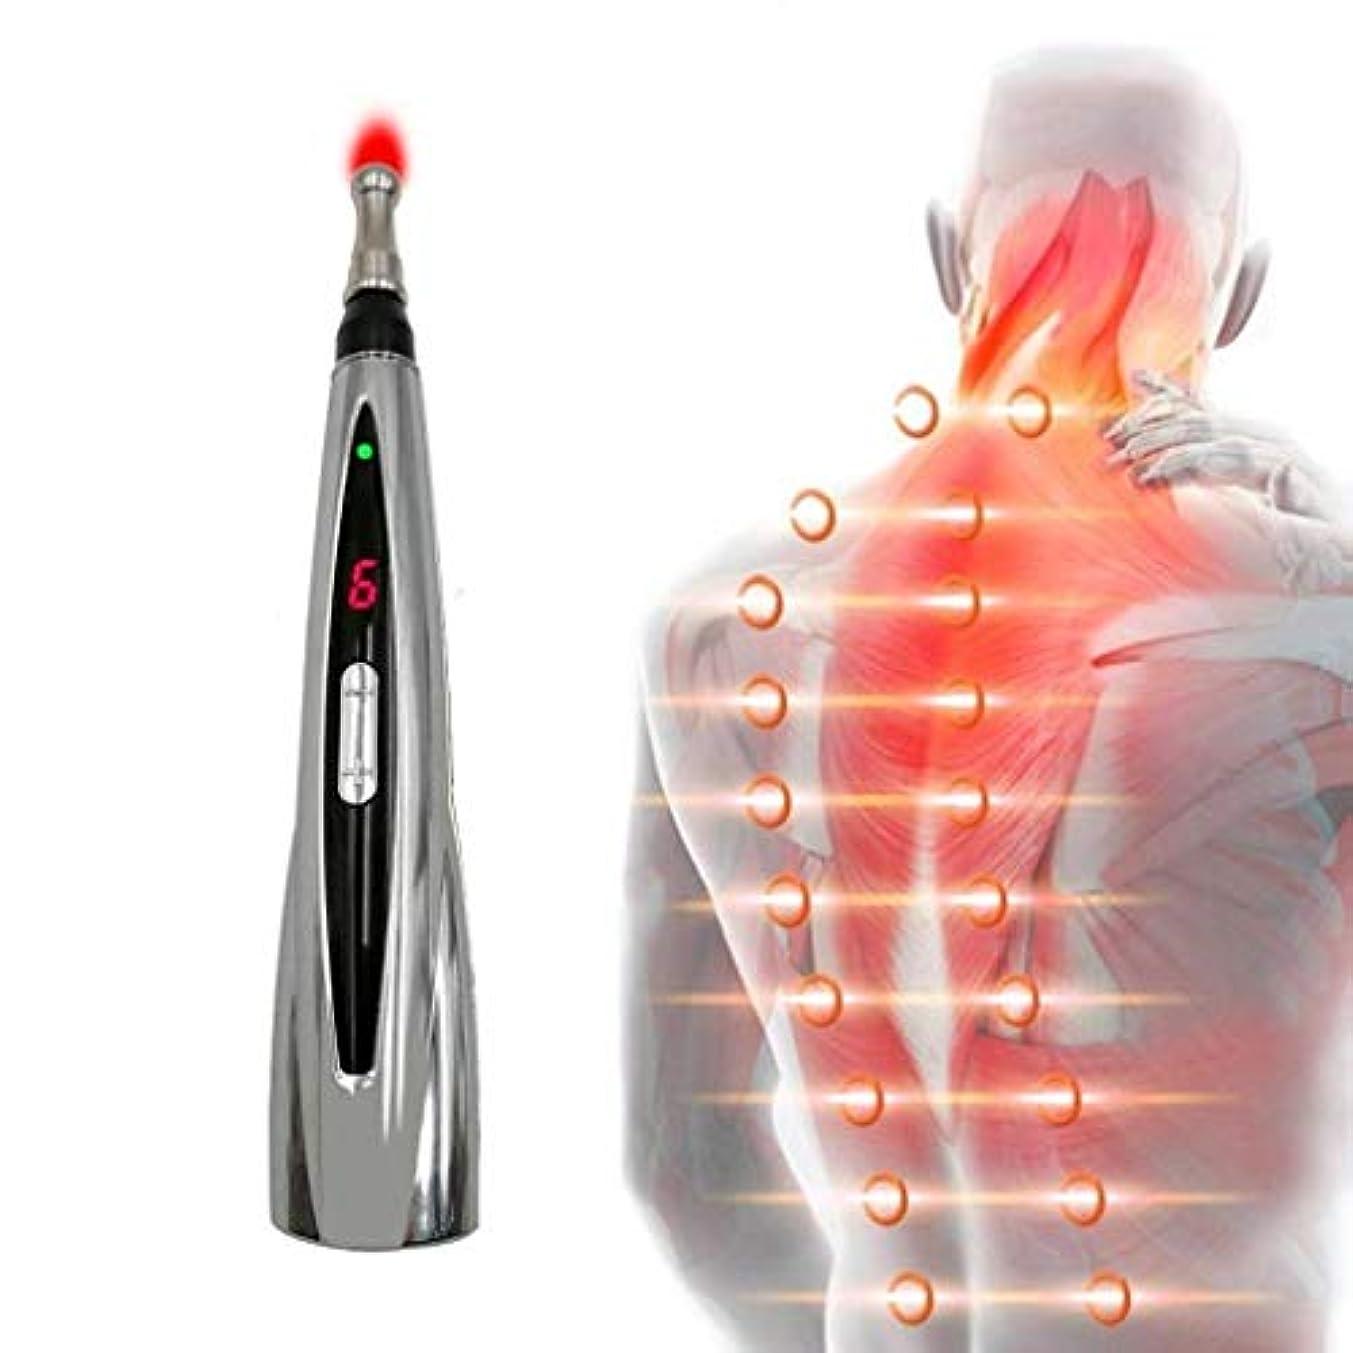 流用するしつけ廃止経絡ペン、電気鍼ツボペンは痛みを和らげることができ、体の首と首に適した電子経絡エネルギーペンマッサージを扱います